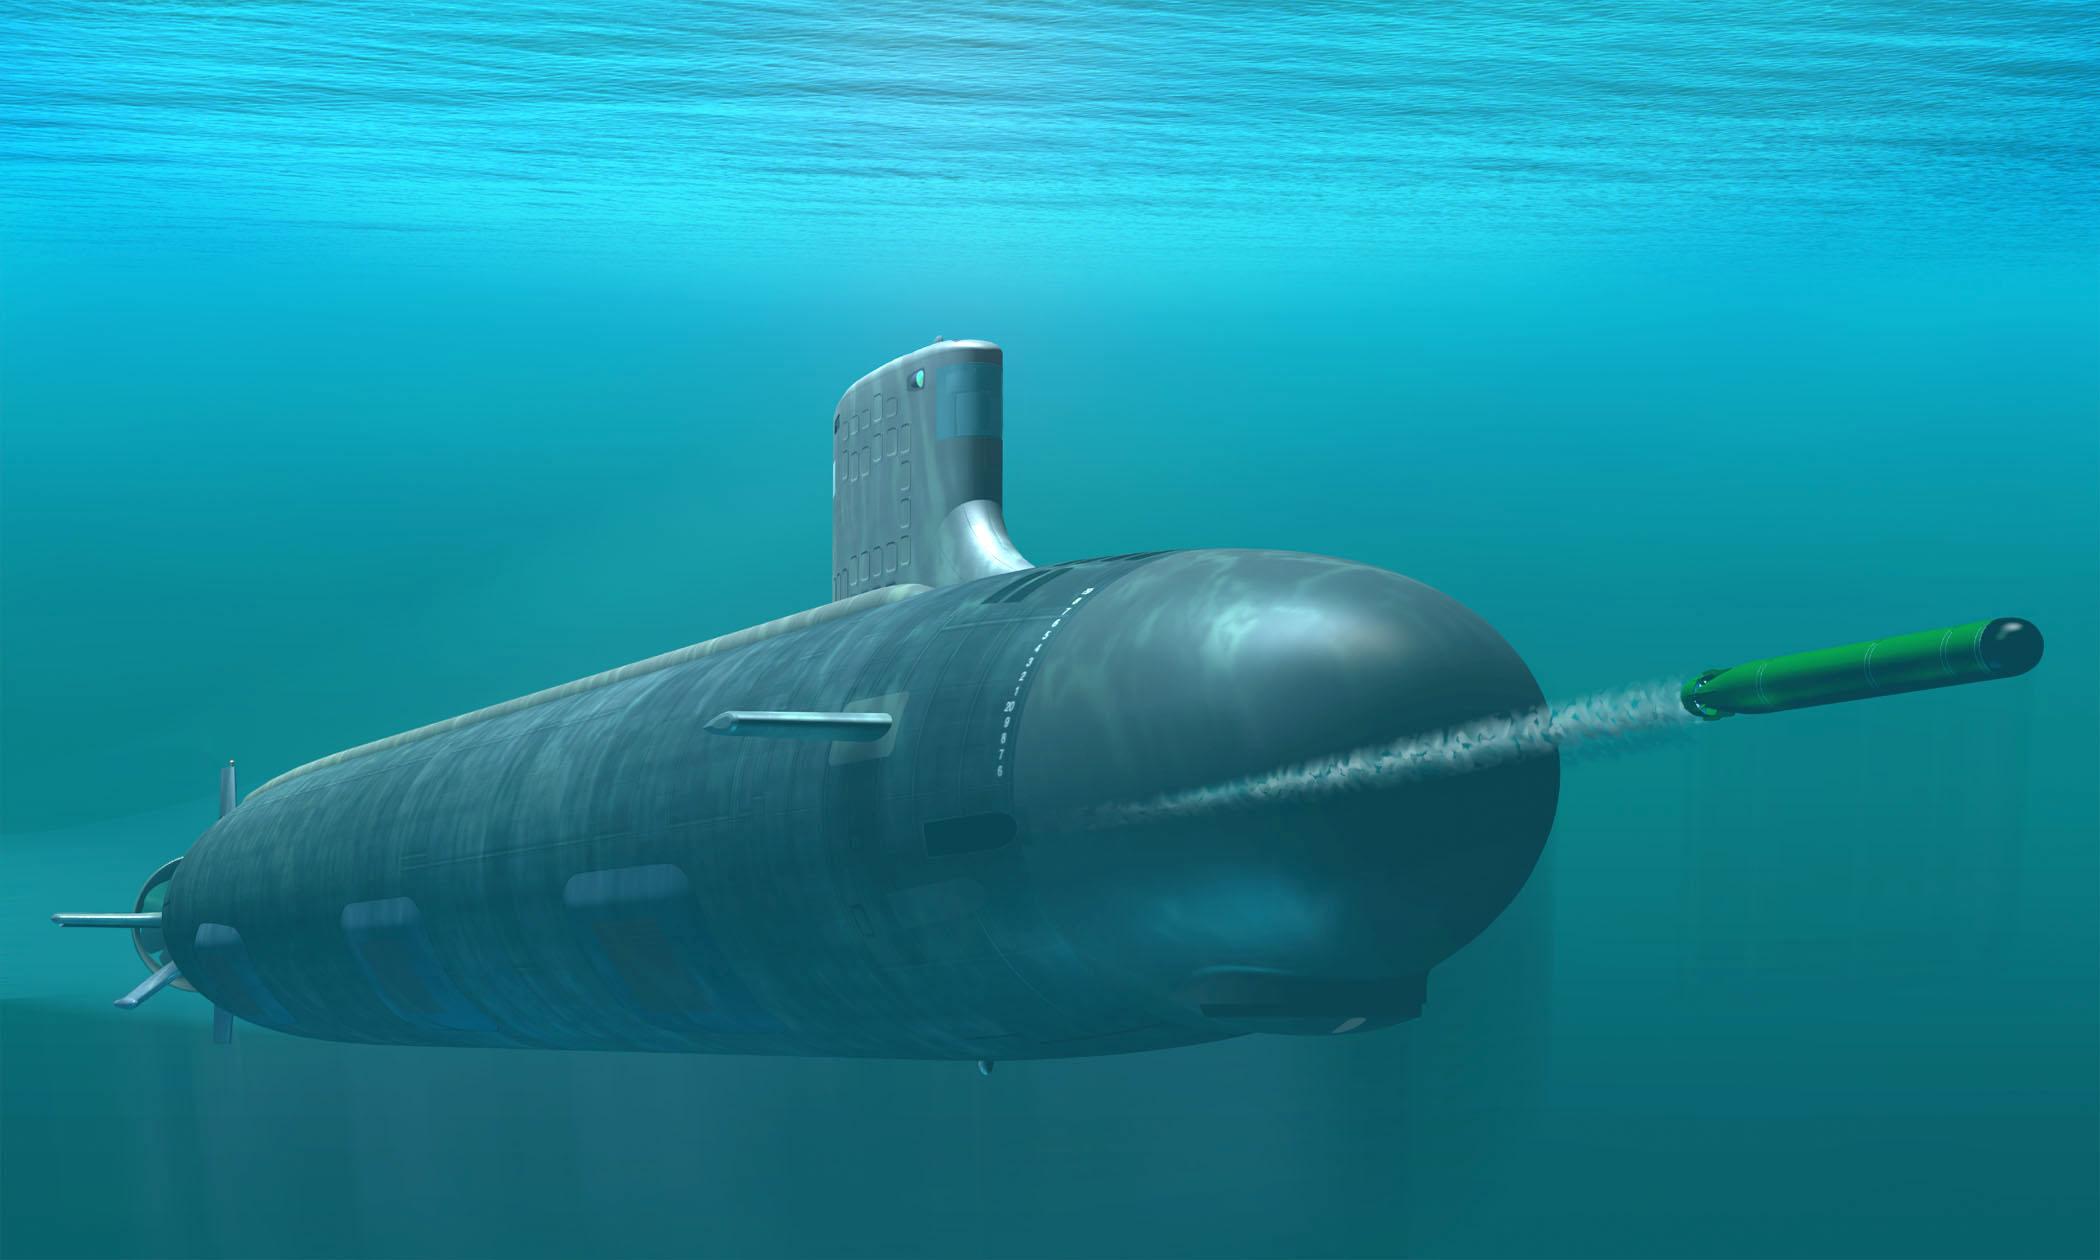 Virginia_class_submarine